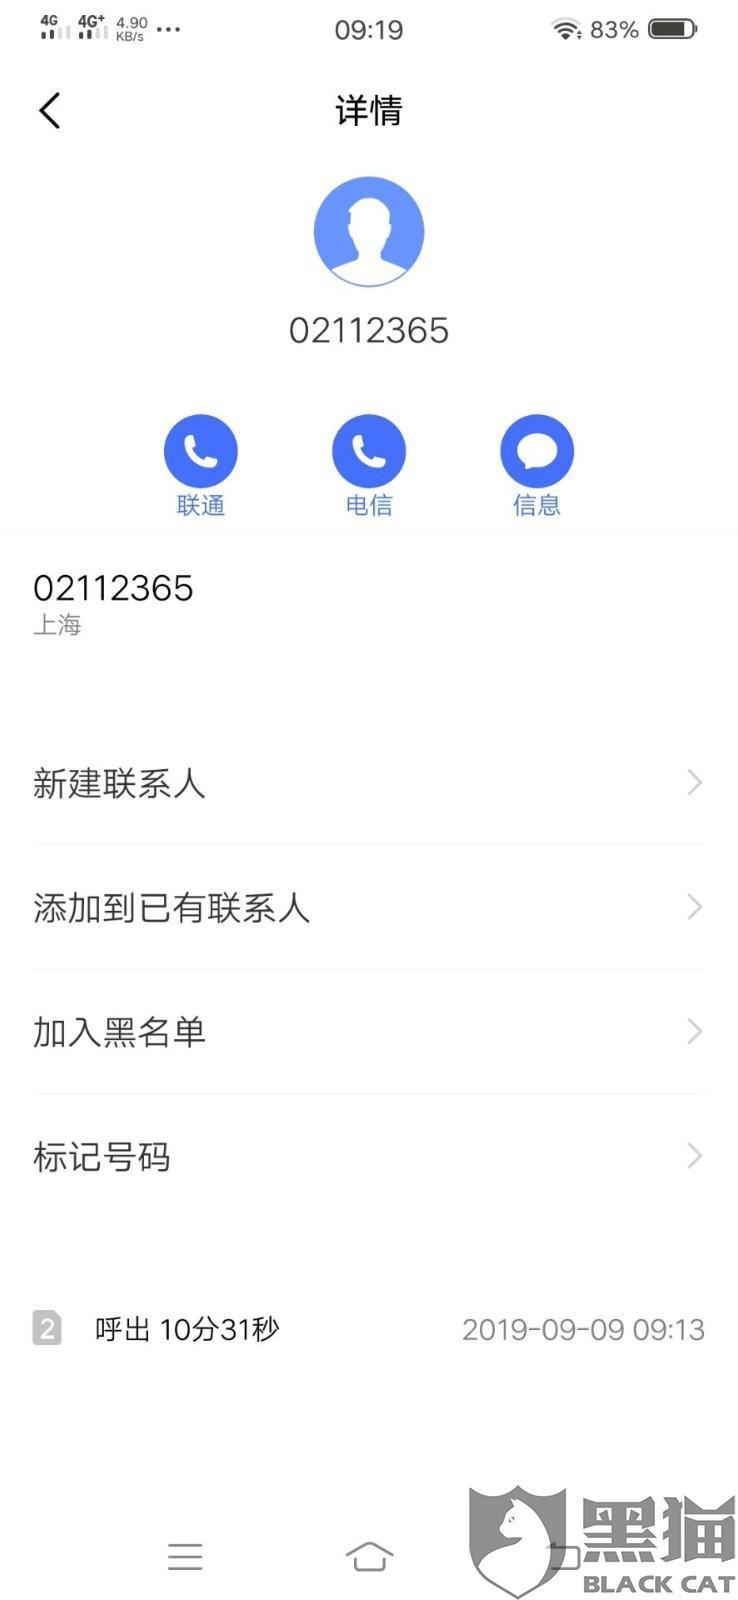 黑猫投诉:商家店铺名 膏药世家工厂店 店铺销售龙江王麻子膏药产品实际发来的是三无产品膏药